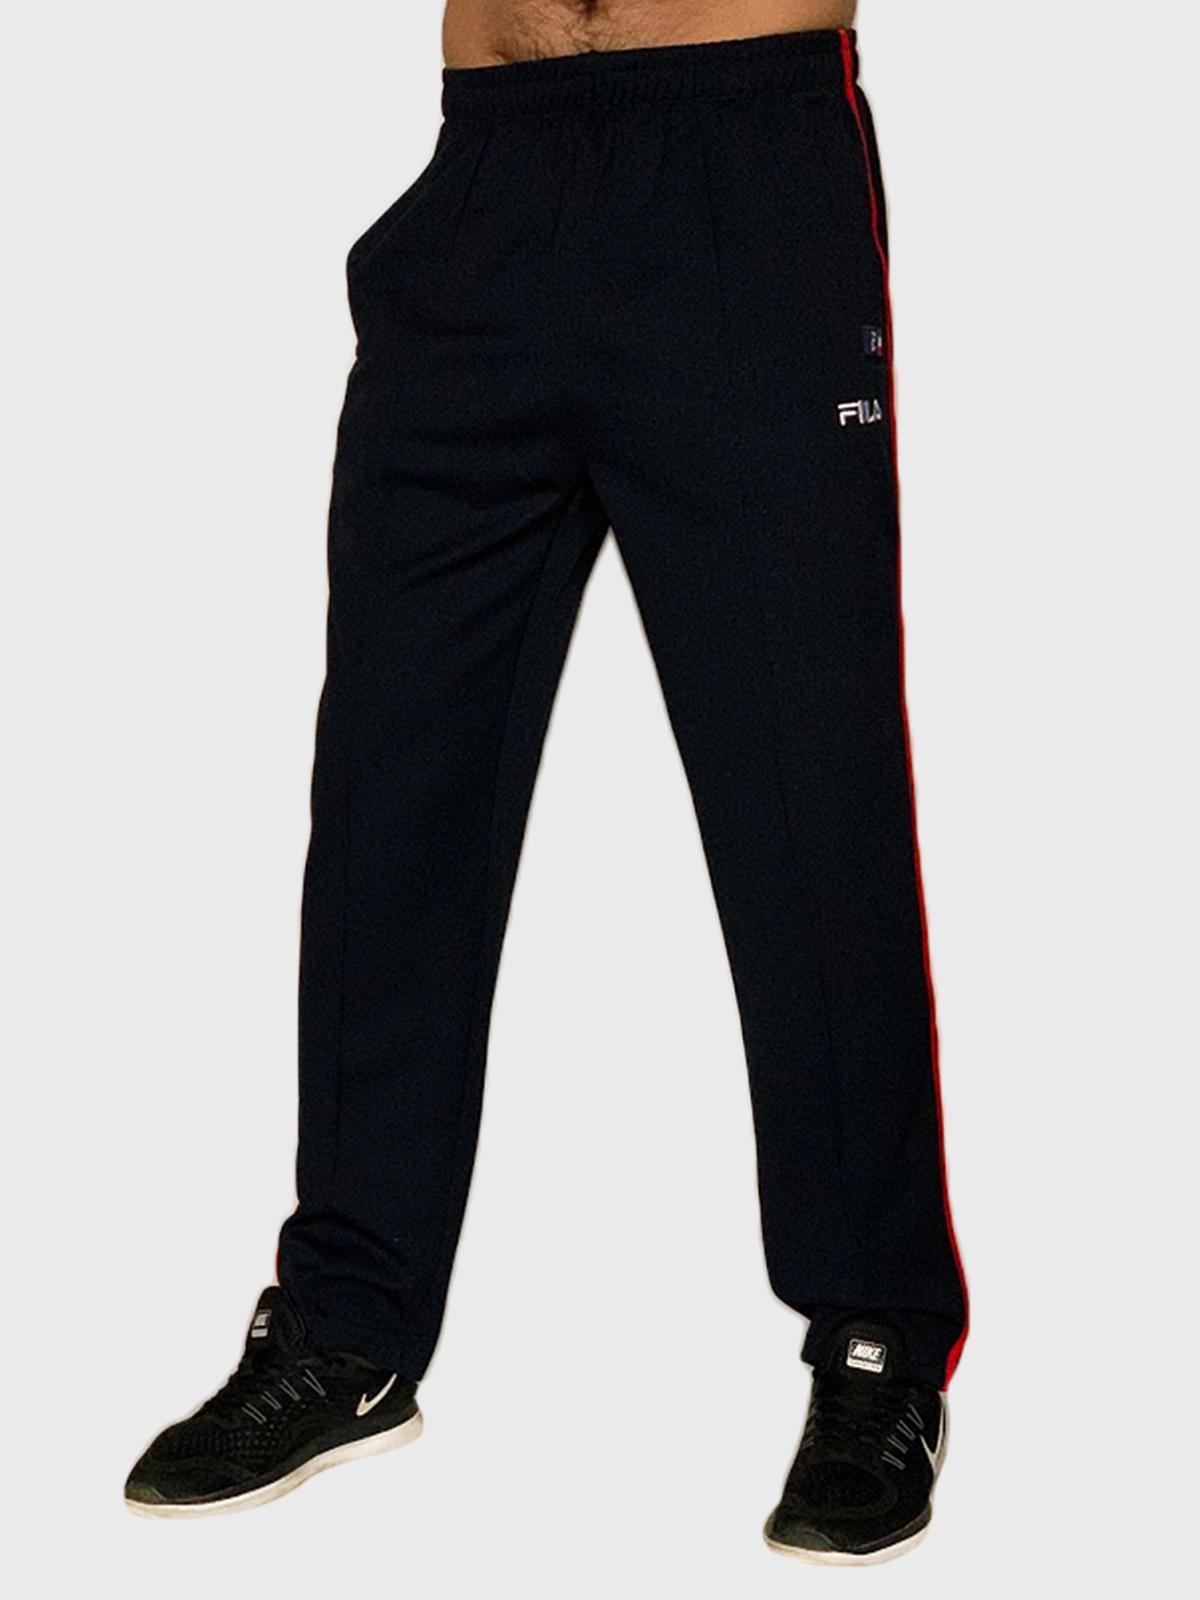 Мужские прямые спортивные штаны Fila с лампасами